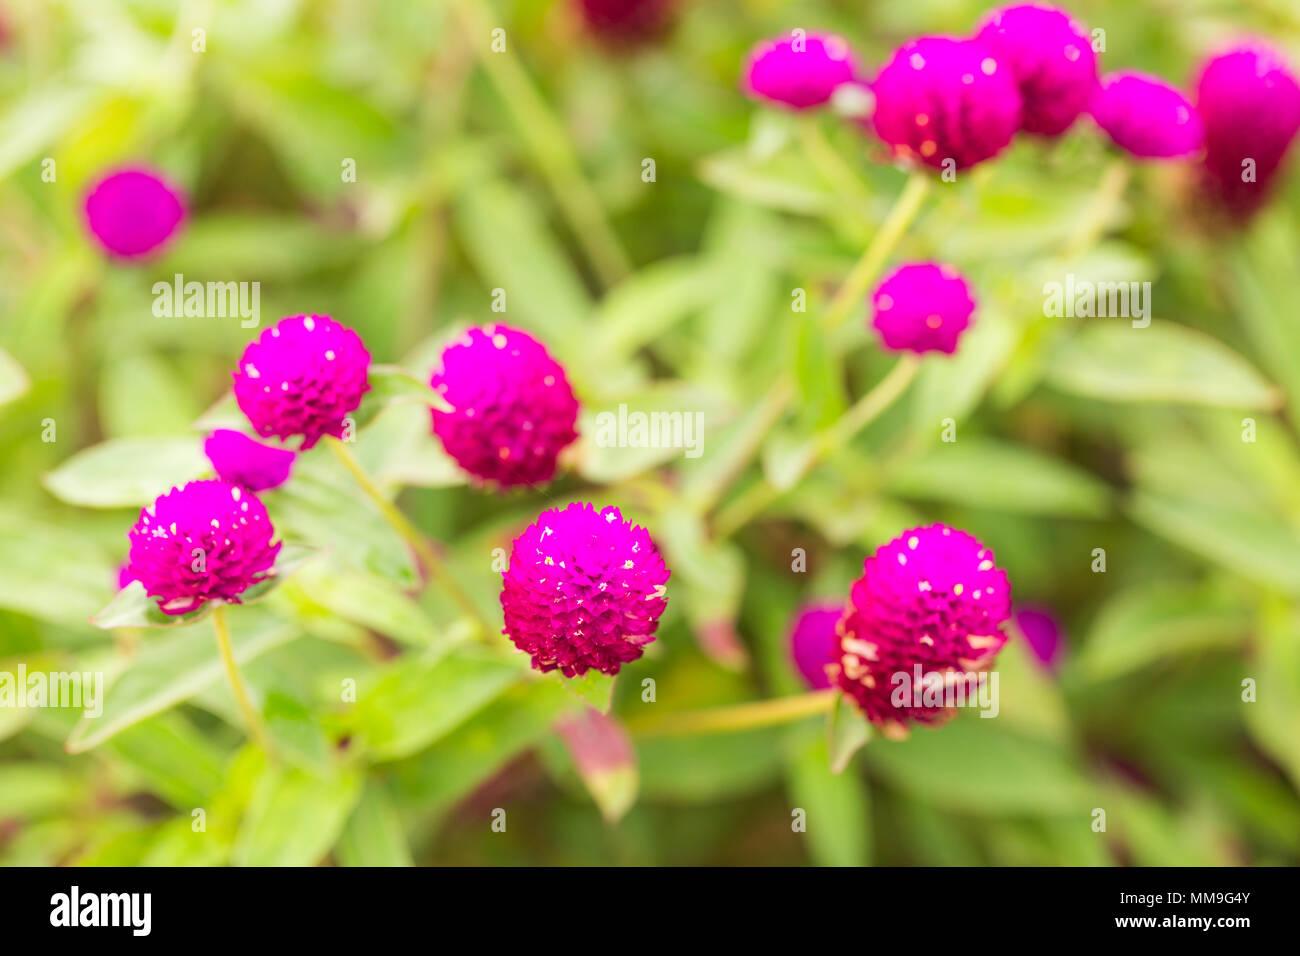 Amaranto a globo o Gomphrena globosa fiore, fiore rosa in giardino. Immagini Stock